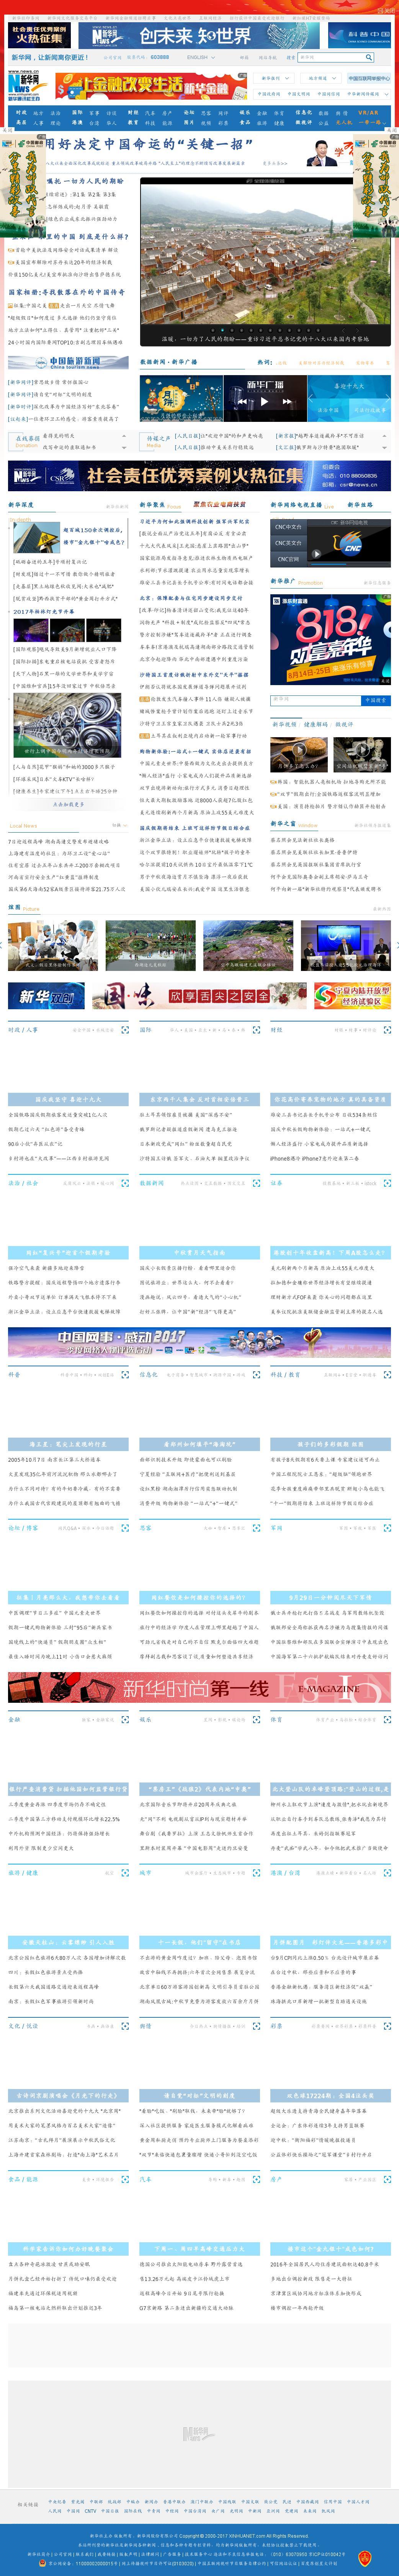 Xinhua at Saturday Oct. 7, 2017, 11:16 p.m. UTC